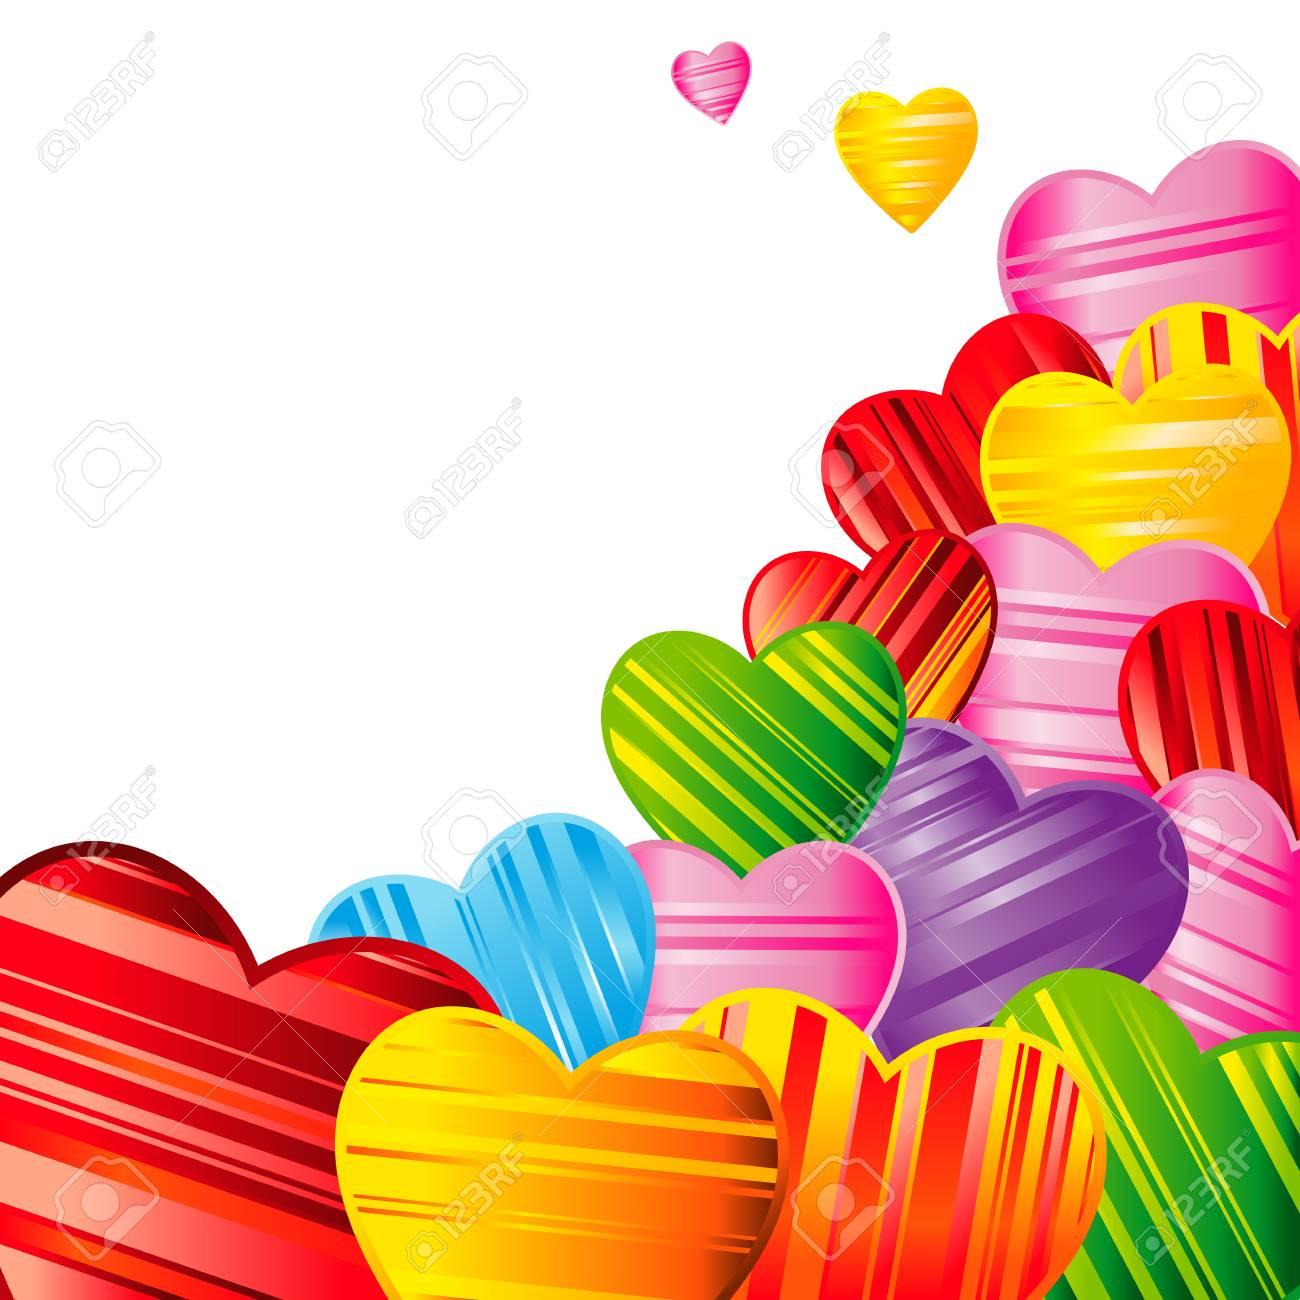 縞模様の心、デザイン イラスト ベクトル バレンタインデーの背景